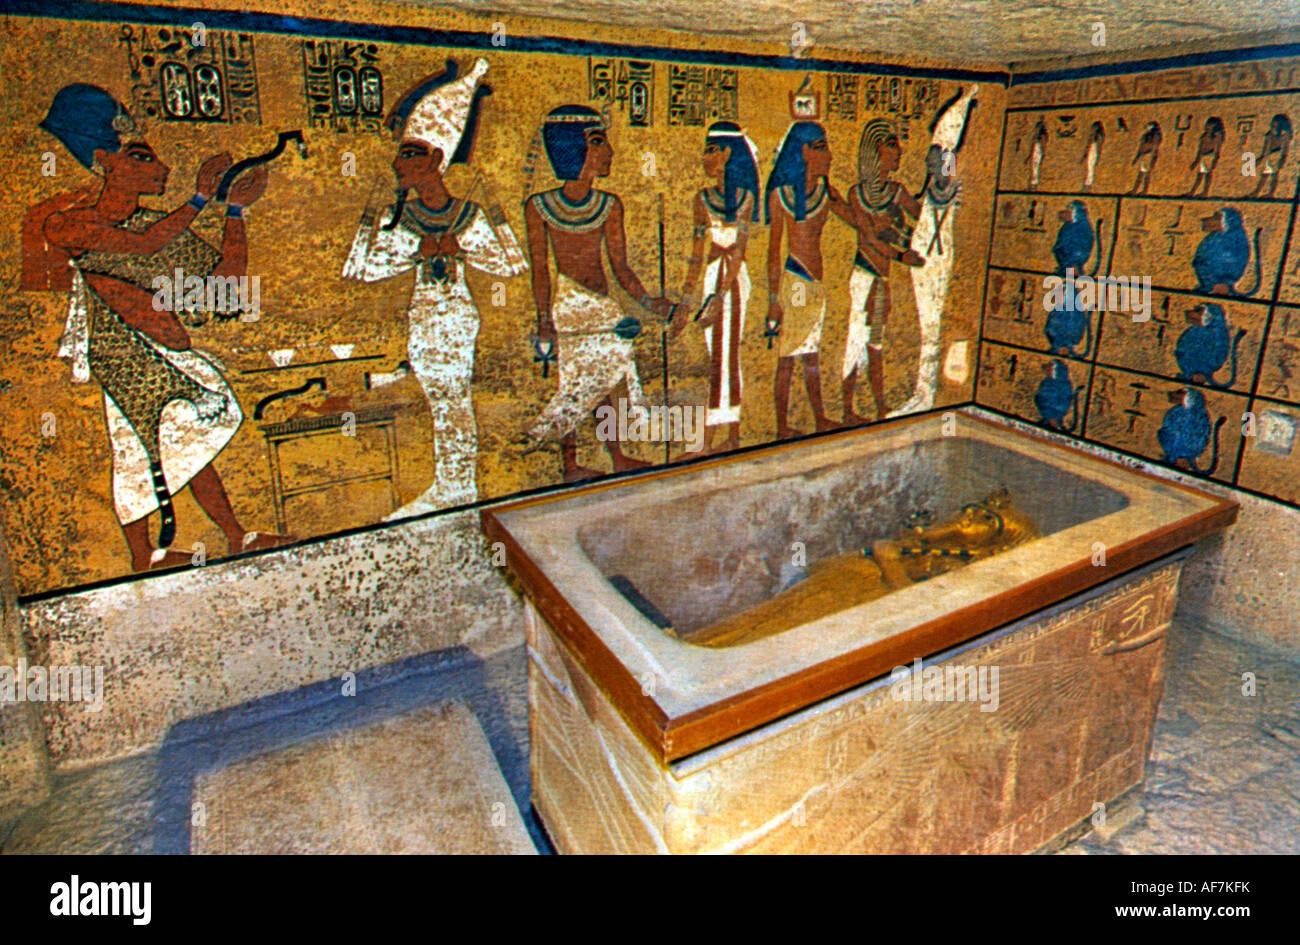 egypt mummies tombs - photo #31